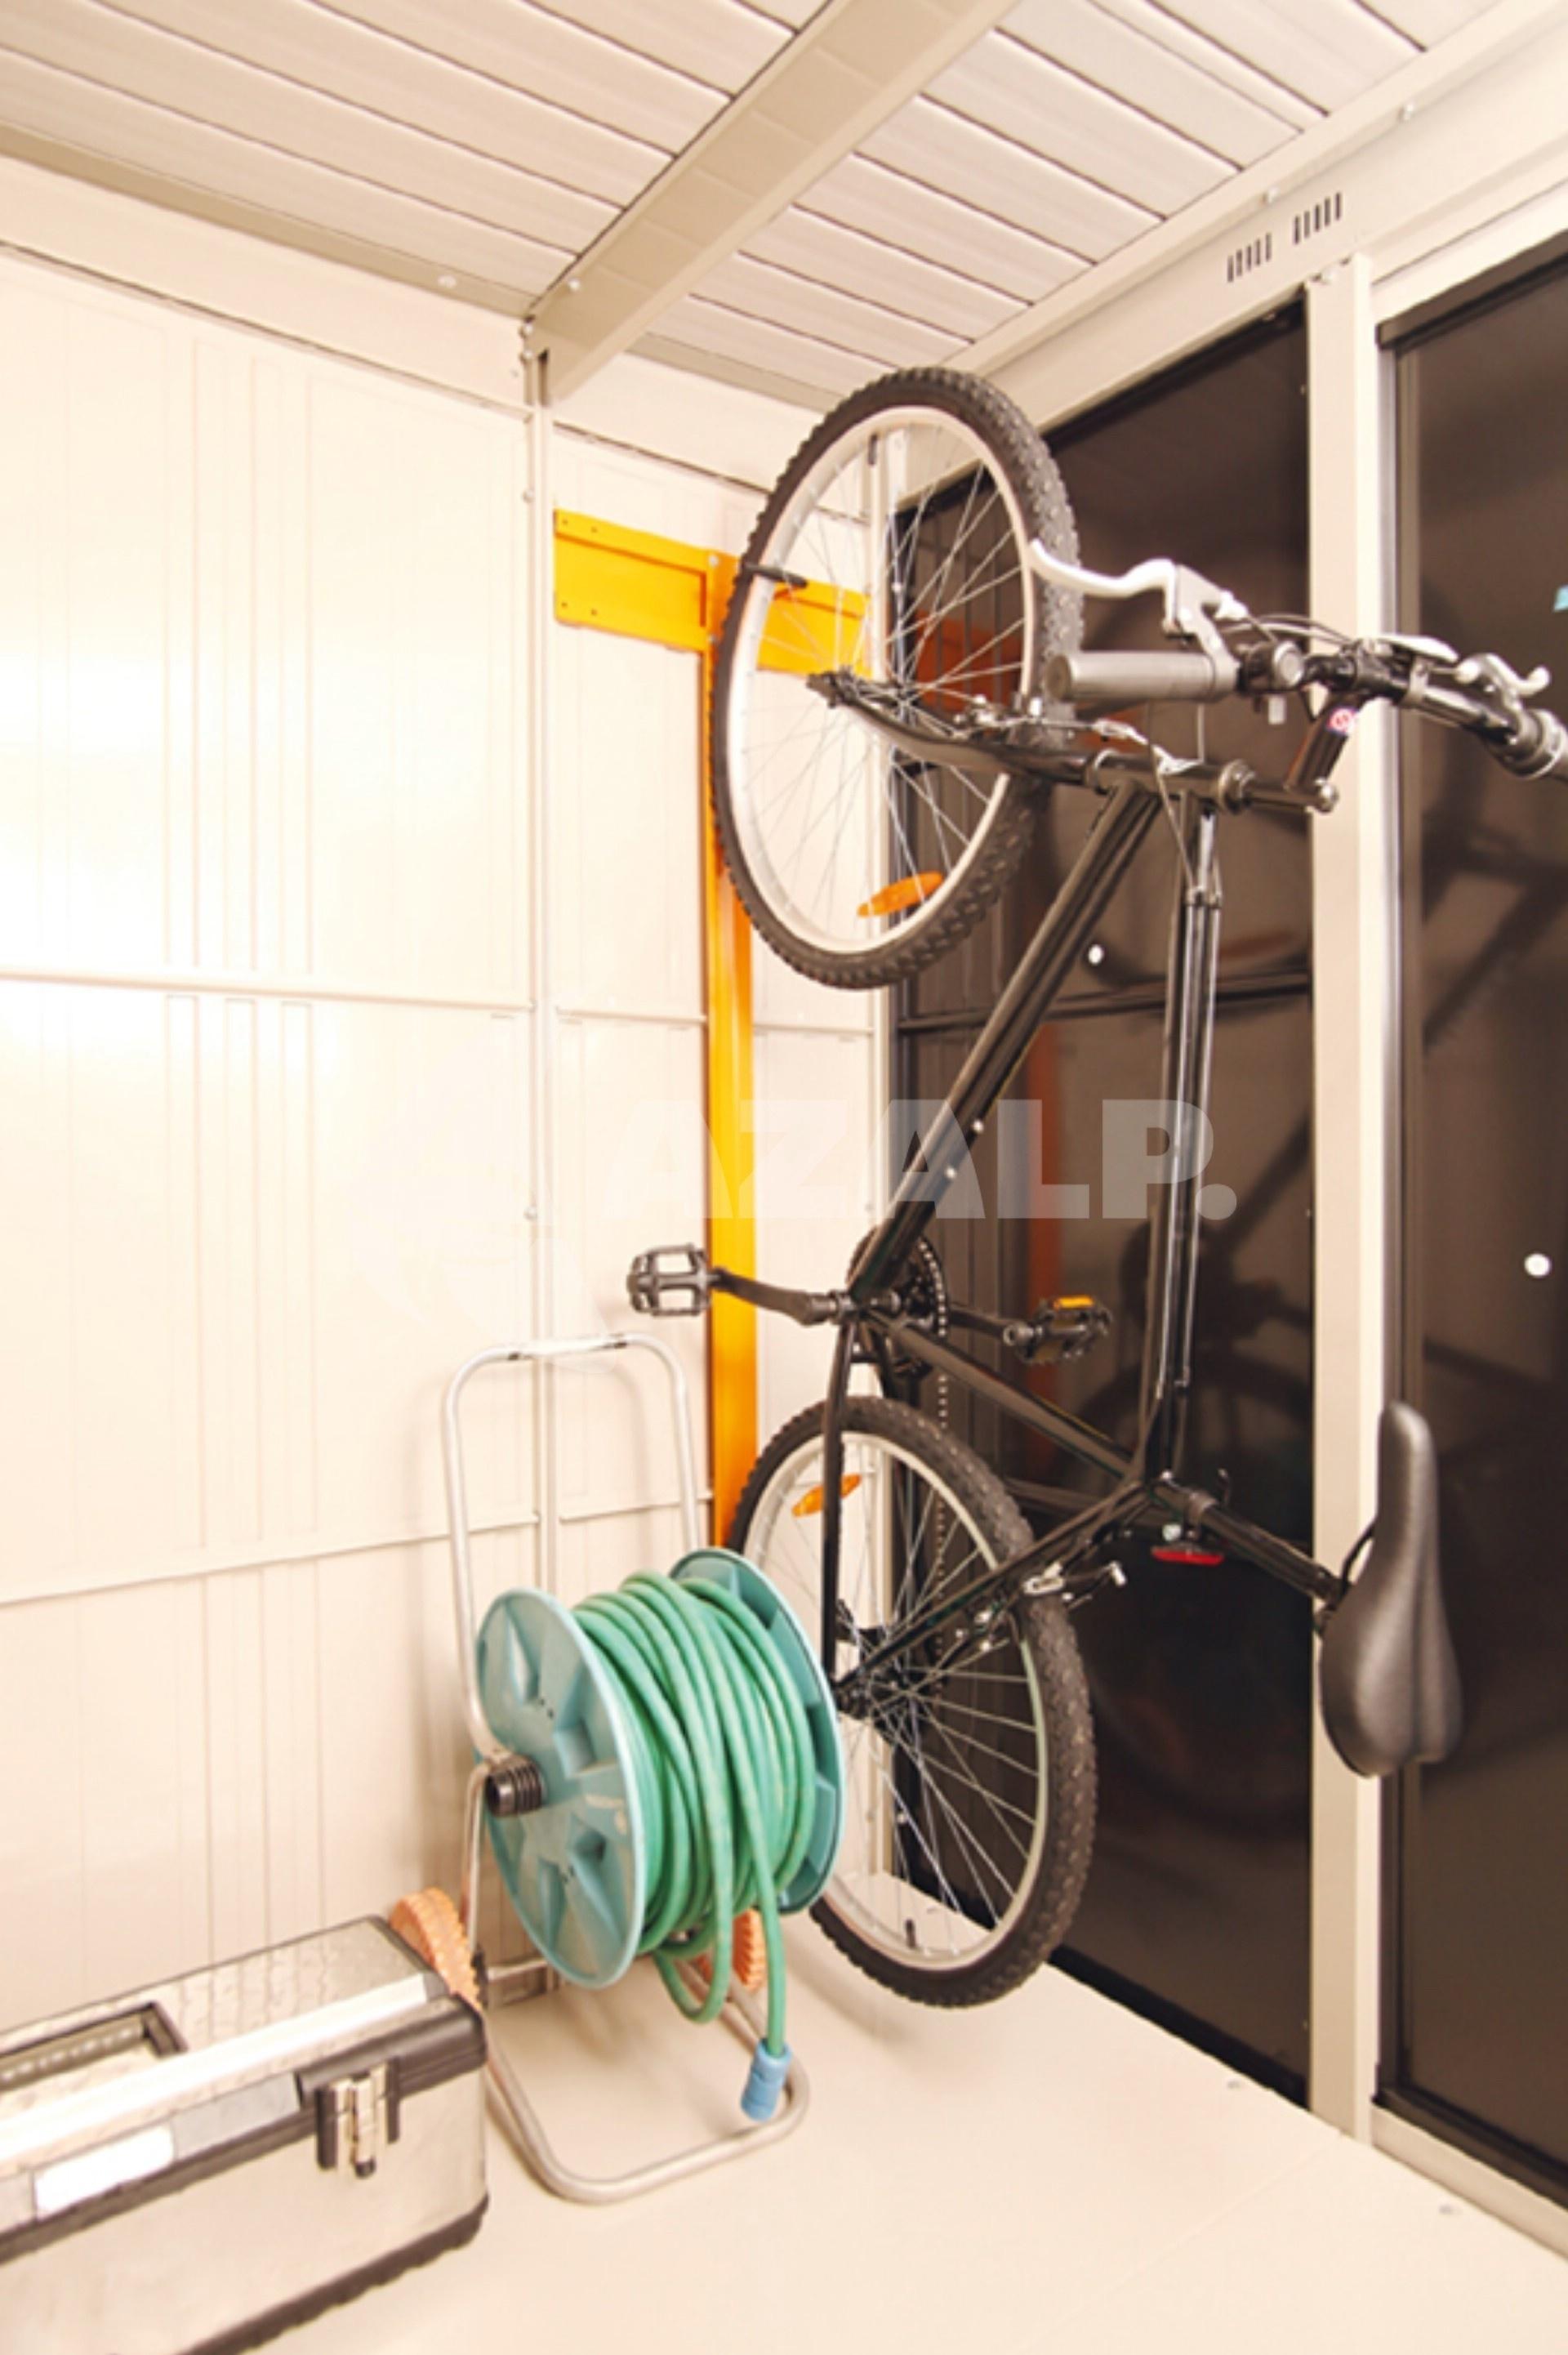 Wolff fahrradhalter f r wand 20 kaufen bei - Wand fahrradhalter ...